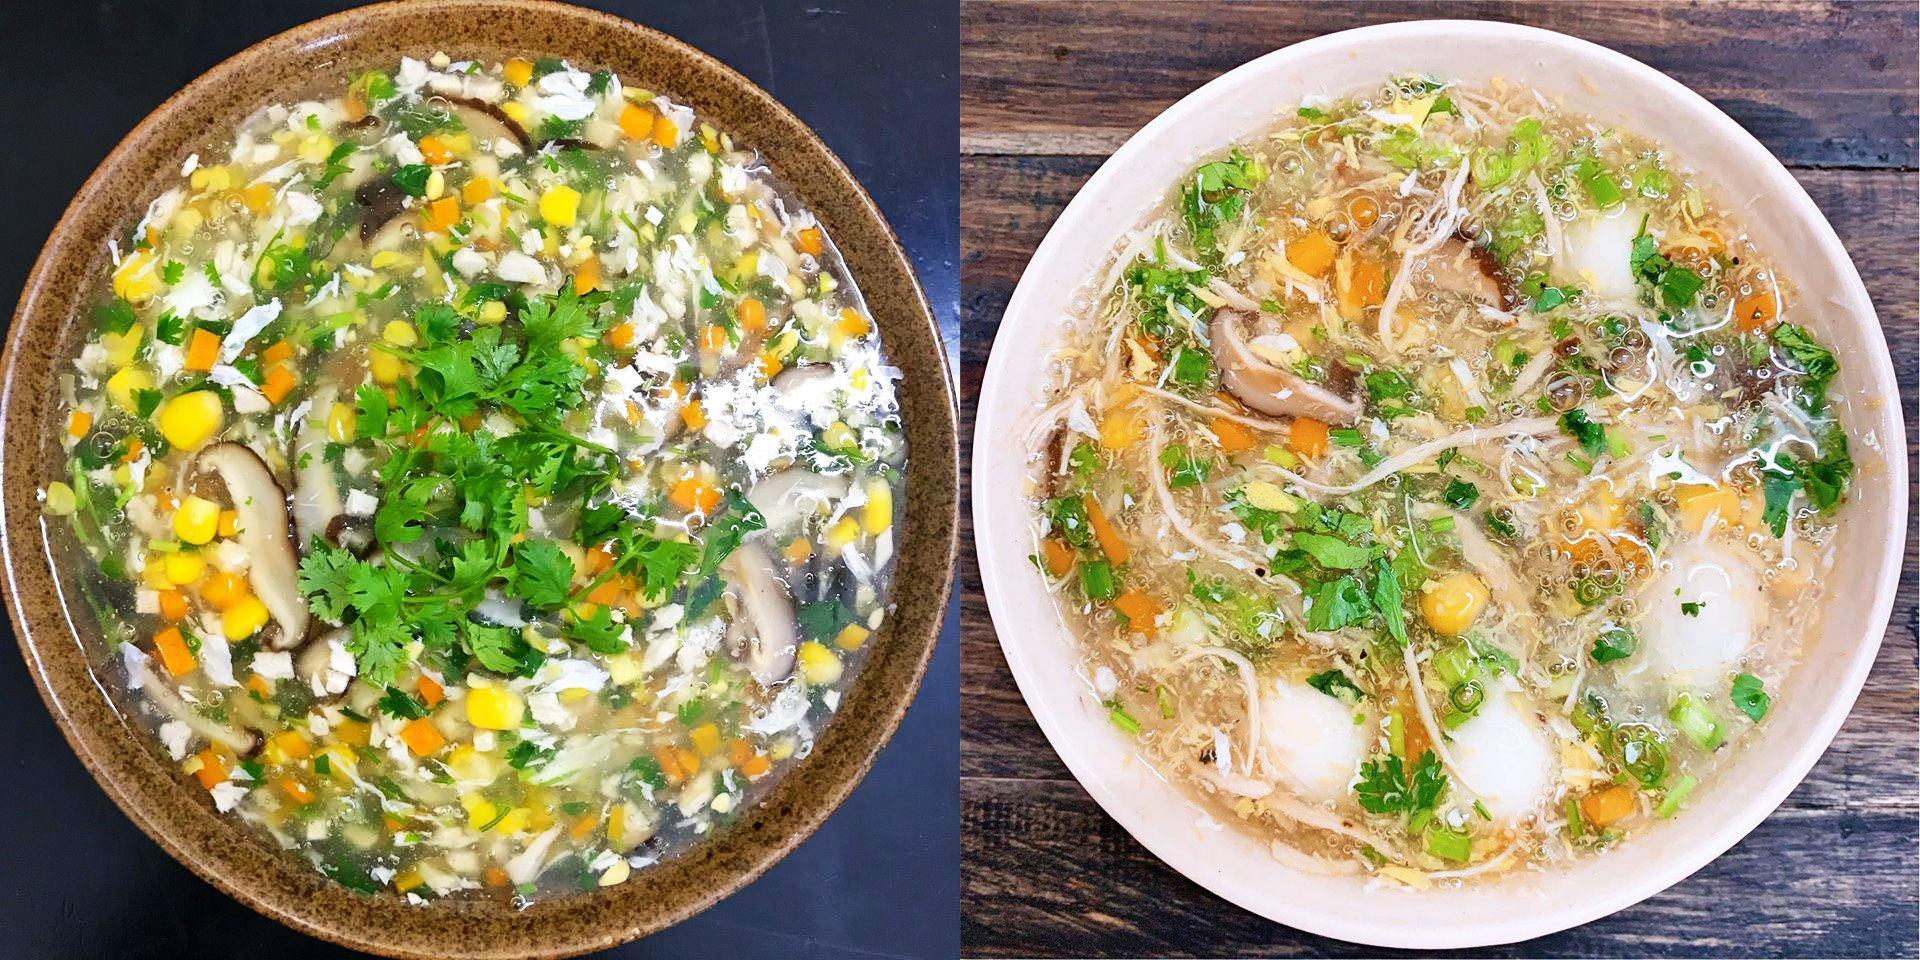 10 công thức món súp dễ làm, vừa thơm ngon vừa bổ dưỡng